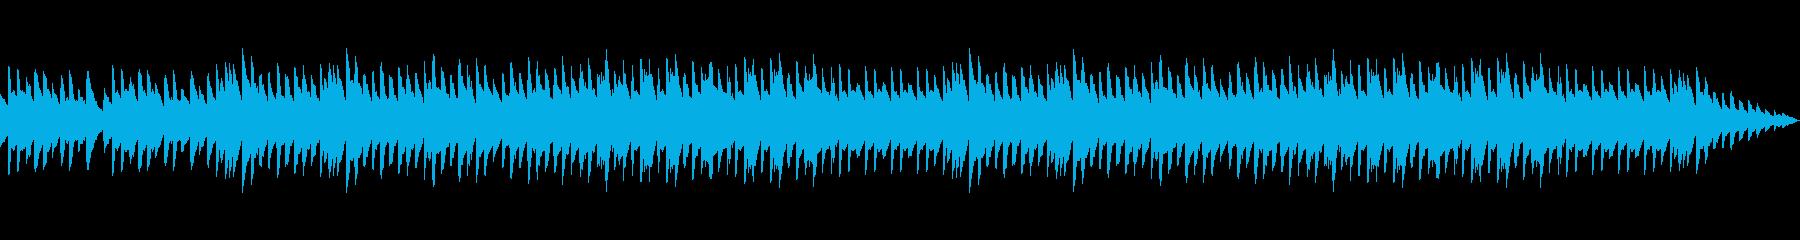 明るい雰囲気に包まれたオルゴールBGMの再生済みの波形